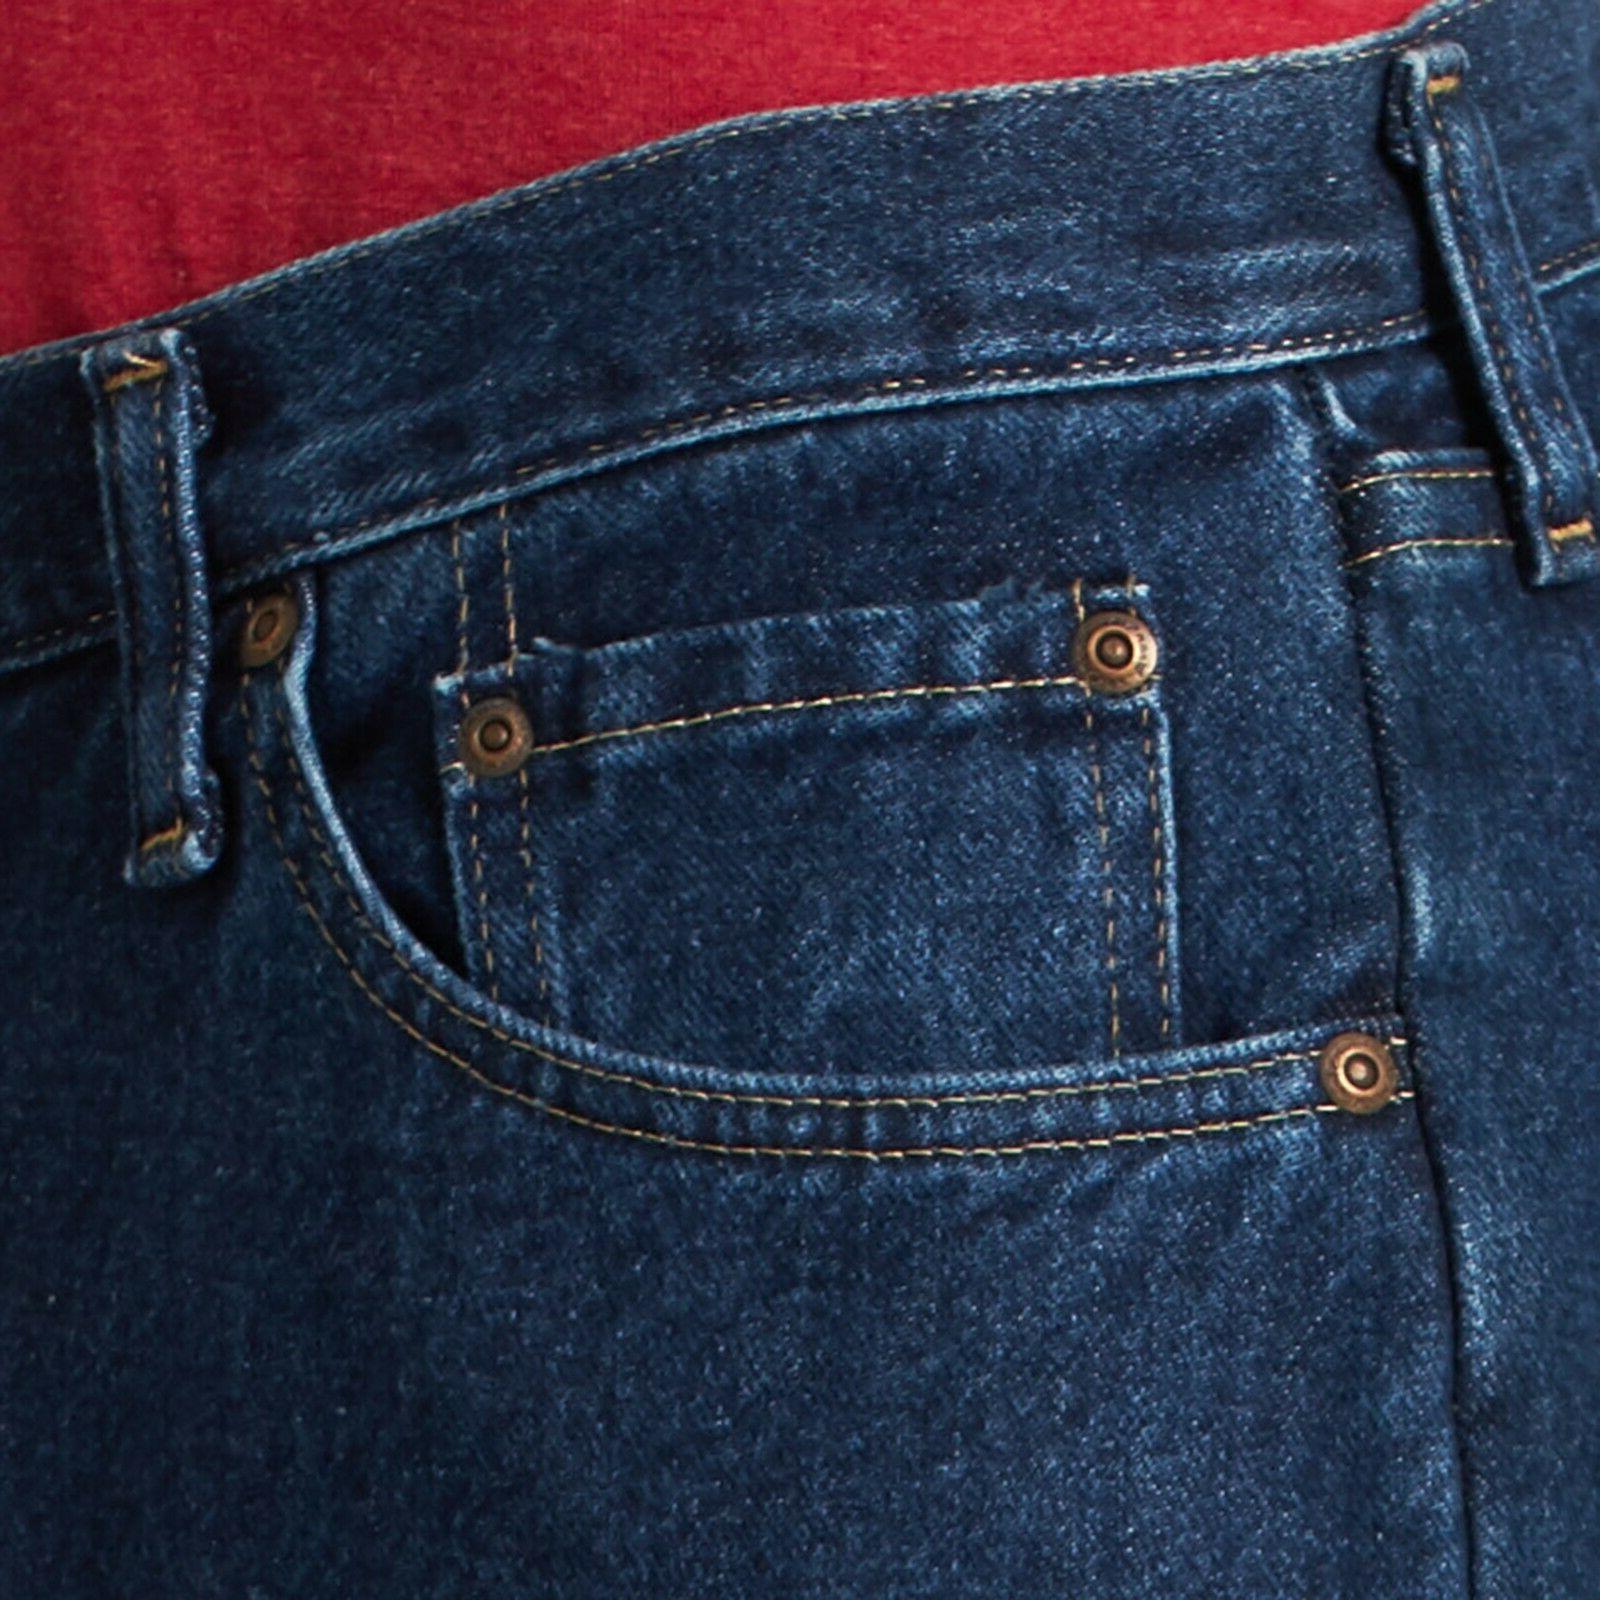 New premium Regular Fit Jeans Men's 36X34 indigo